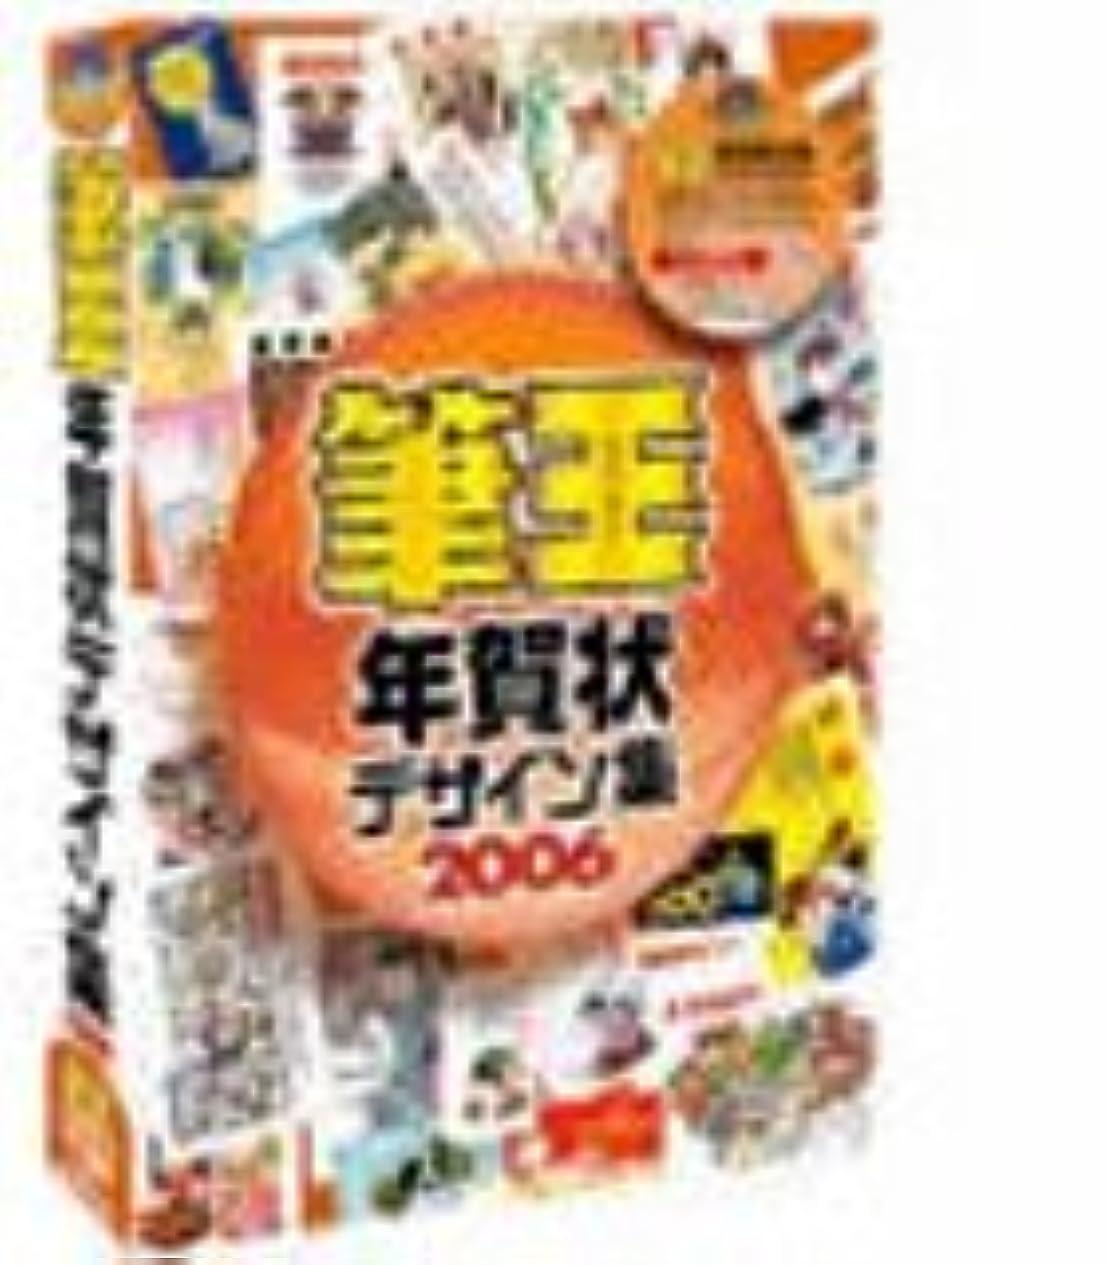 給料乳白ネコ筆王年賀状デザイン集 2006